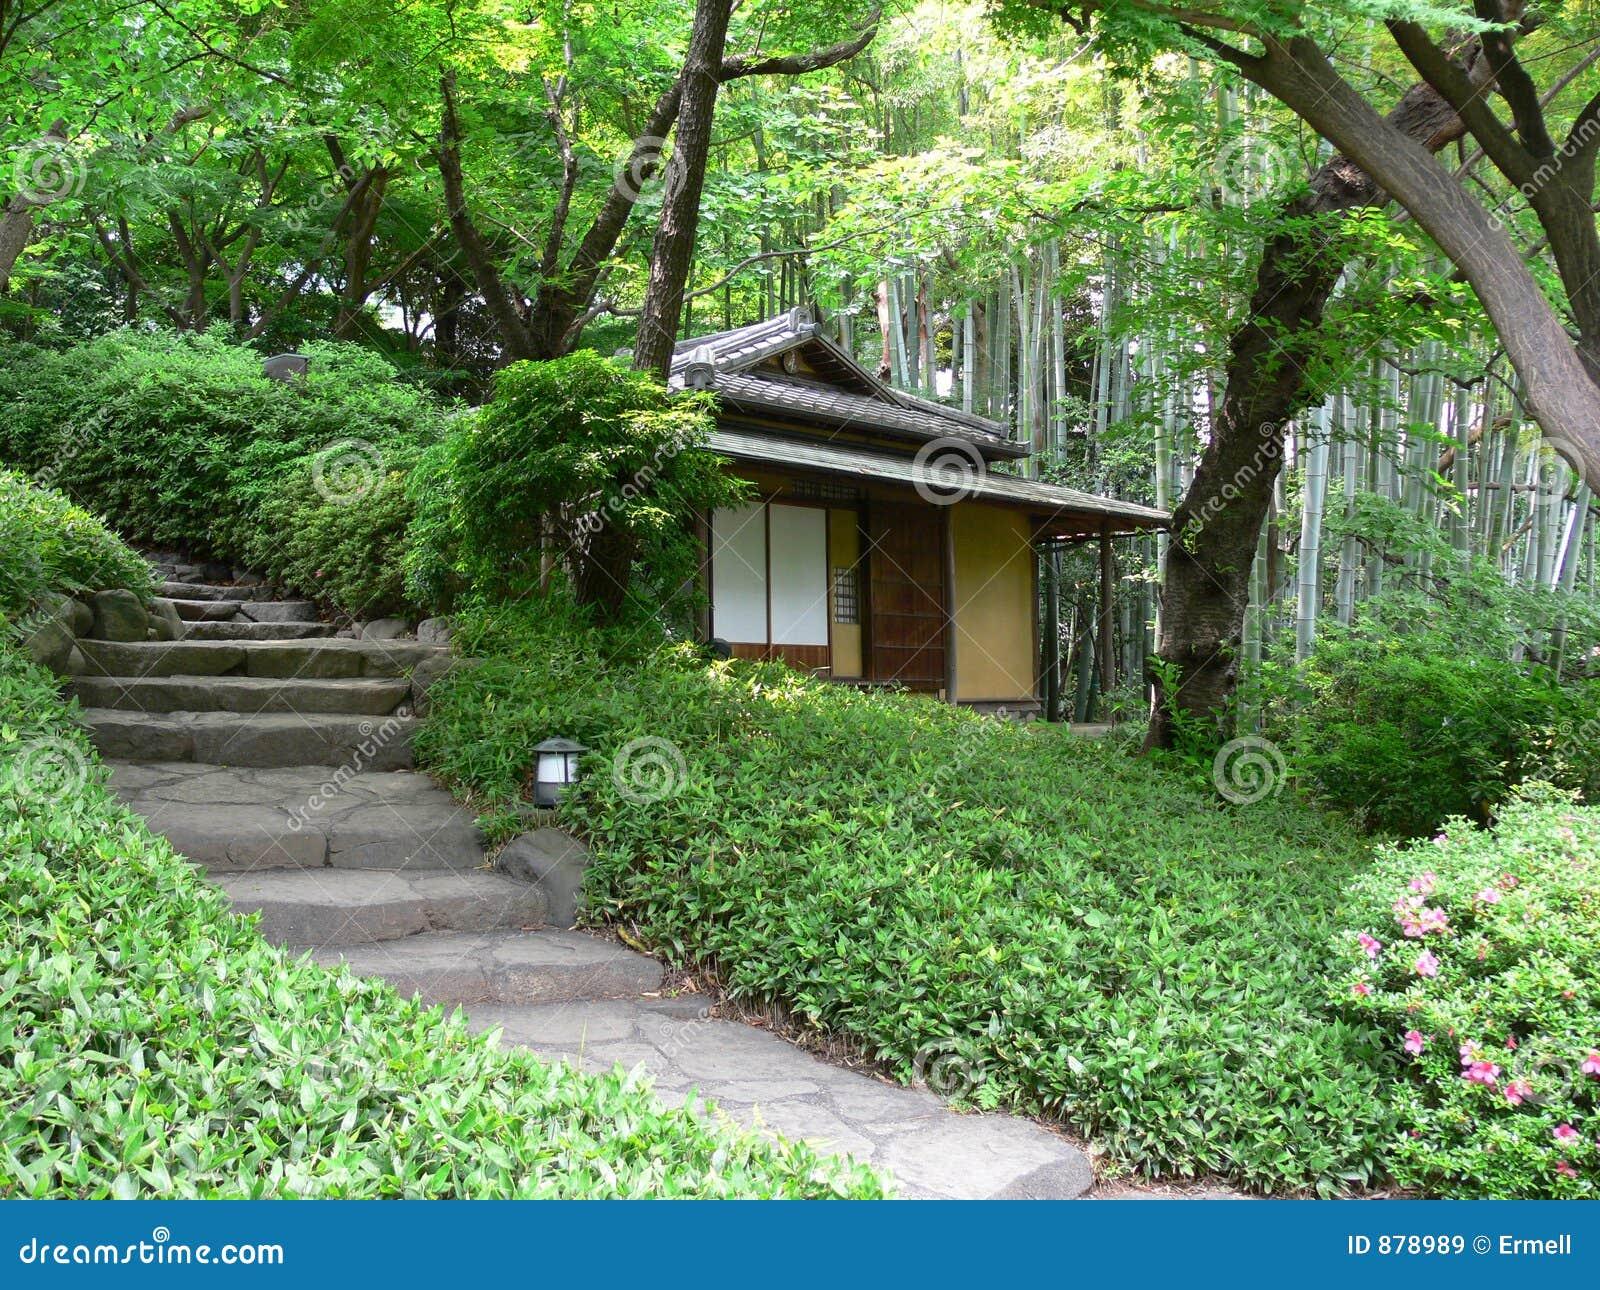 japanisches teehaus lizenzfreie stockbilder bild 878989. Black Bedroom Furniture Sets. Home Design Ideas